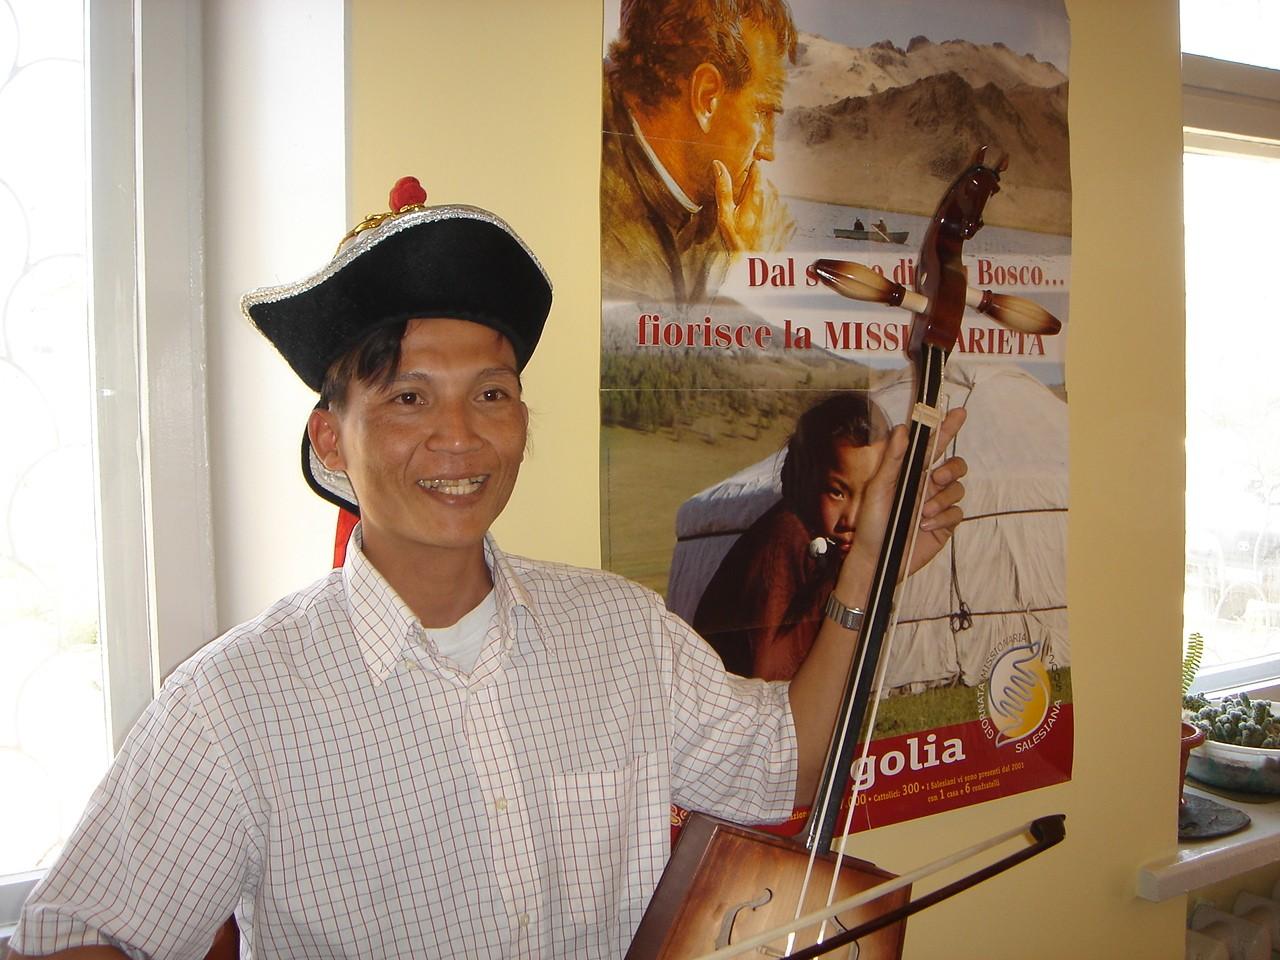 033-Mongolia Br. Andrew 05 DSC00488.JPG